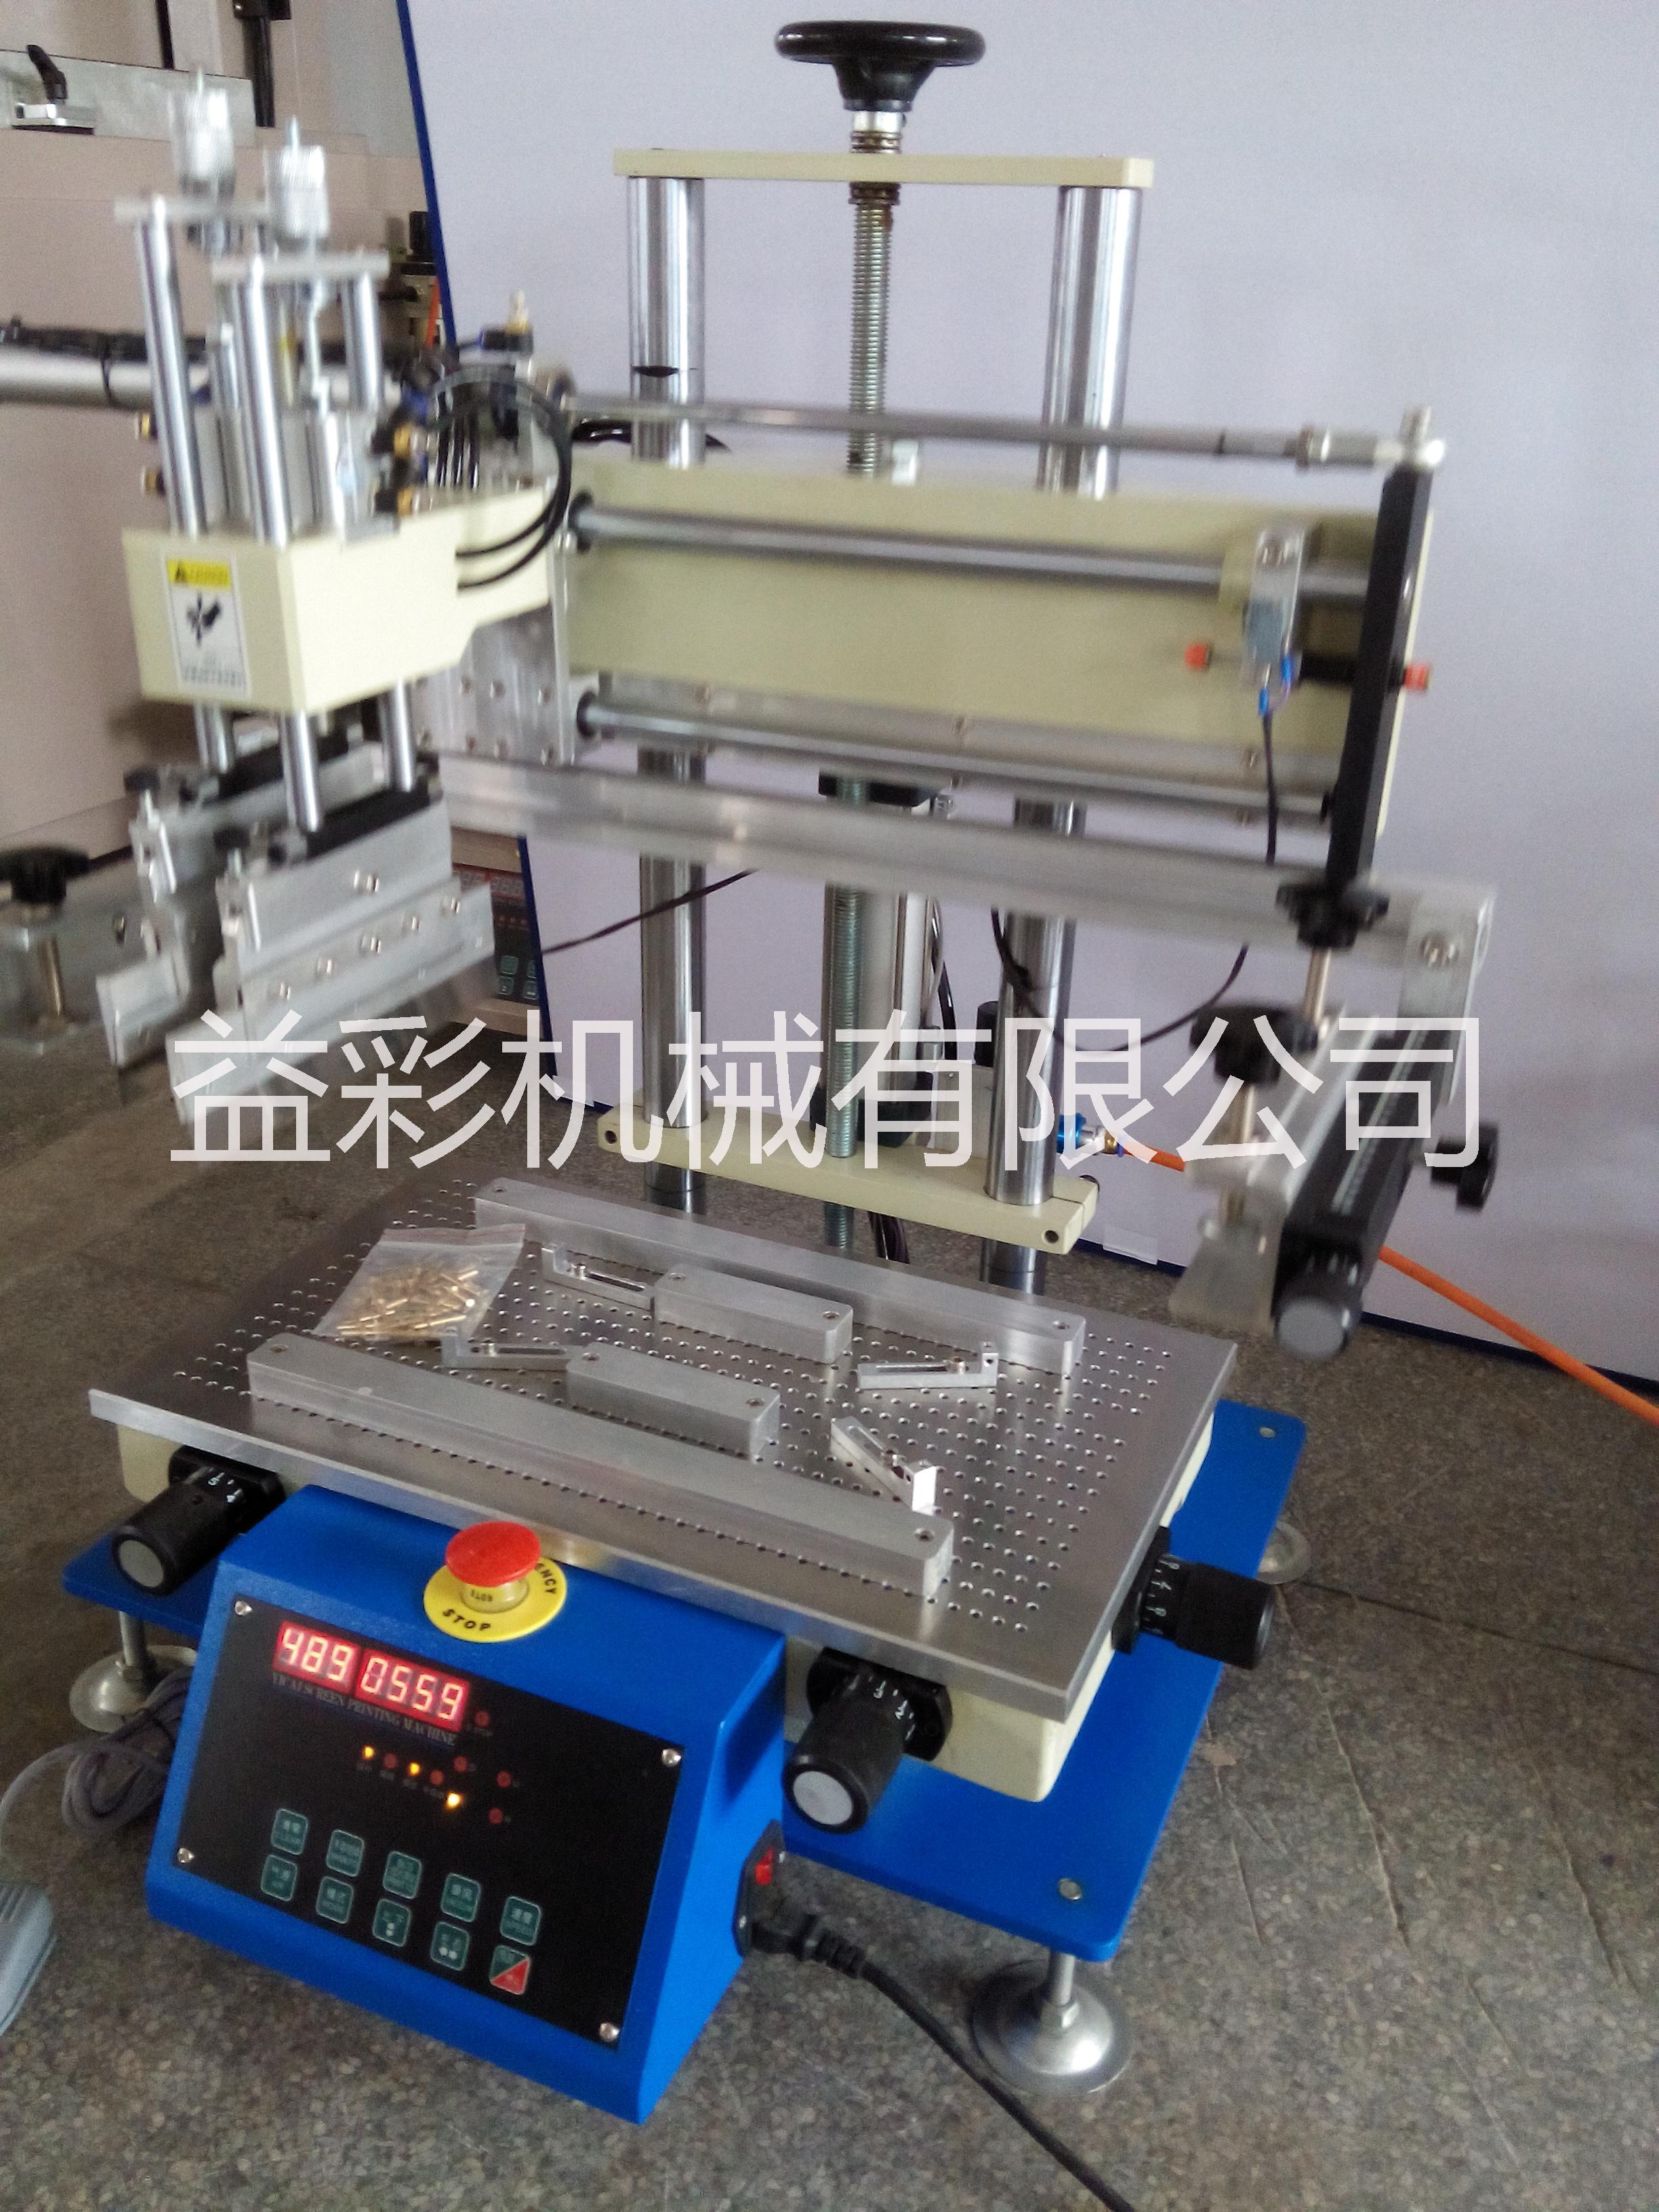 供应全自动锡膏印刷机生产商,全自动锡膏印刷机,东莞全自动锡膏印刷机